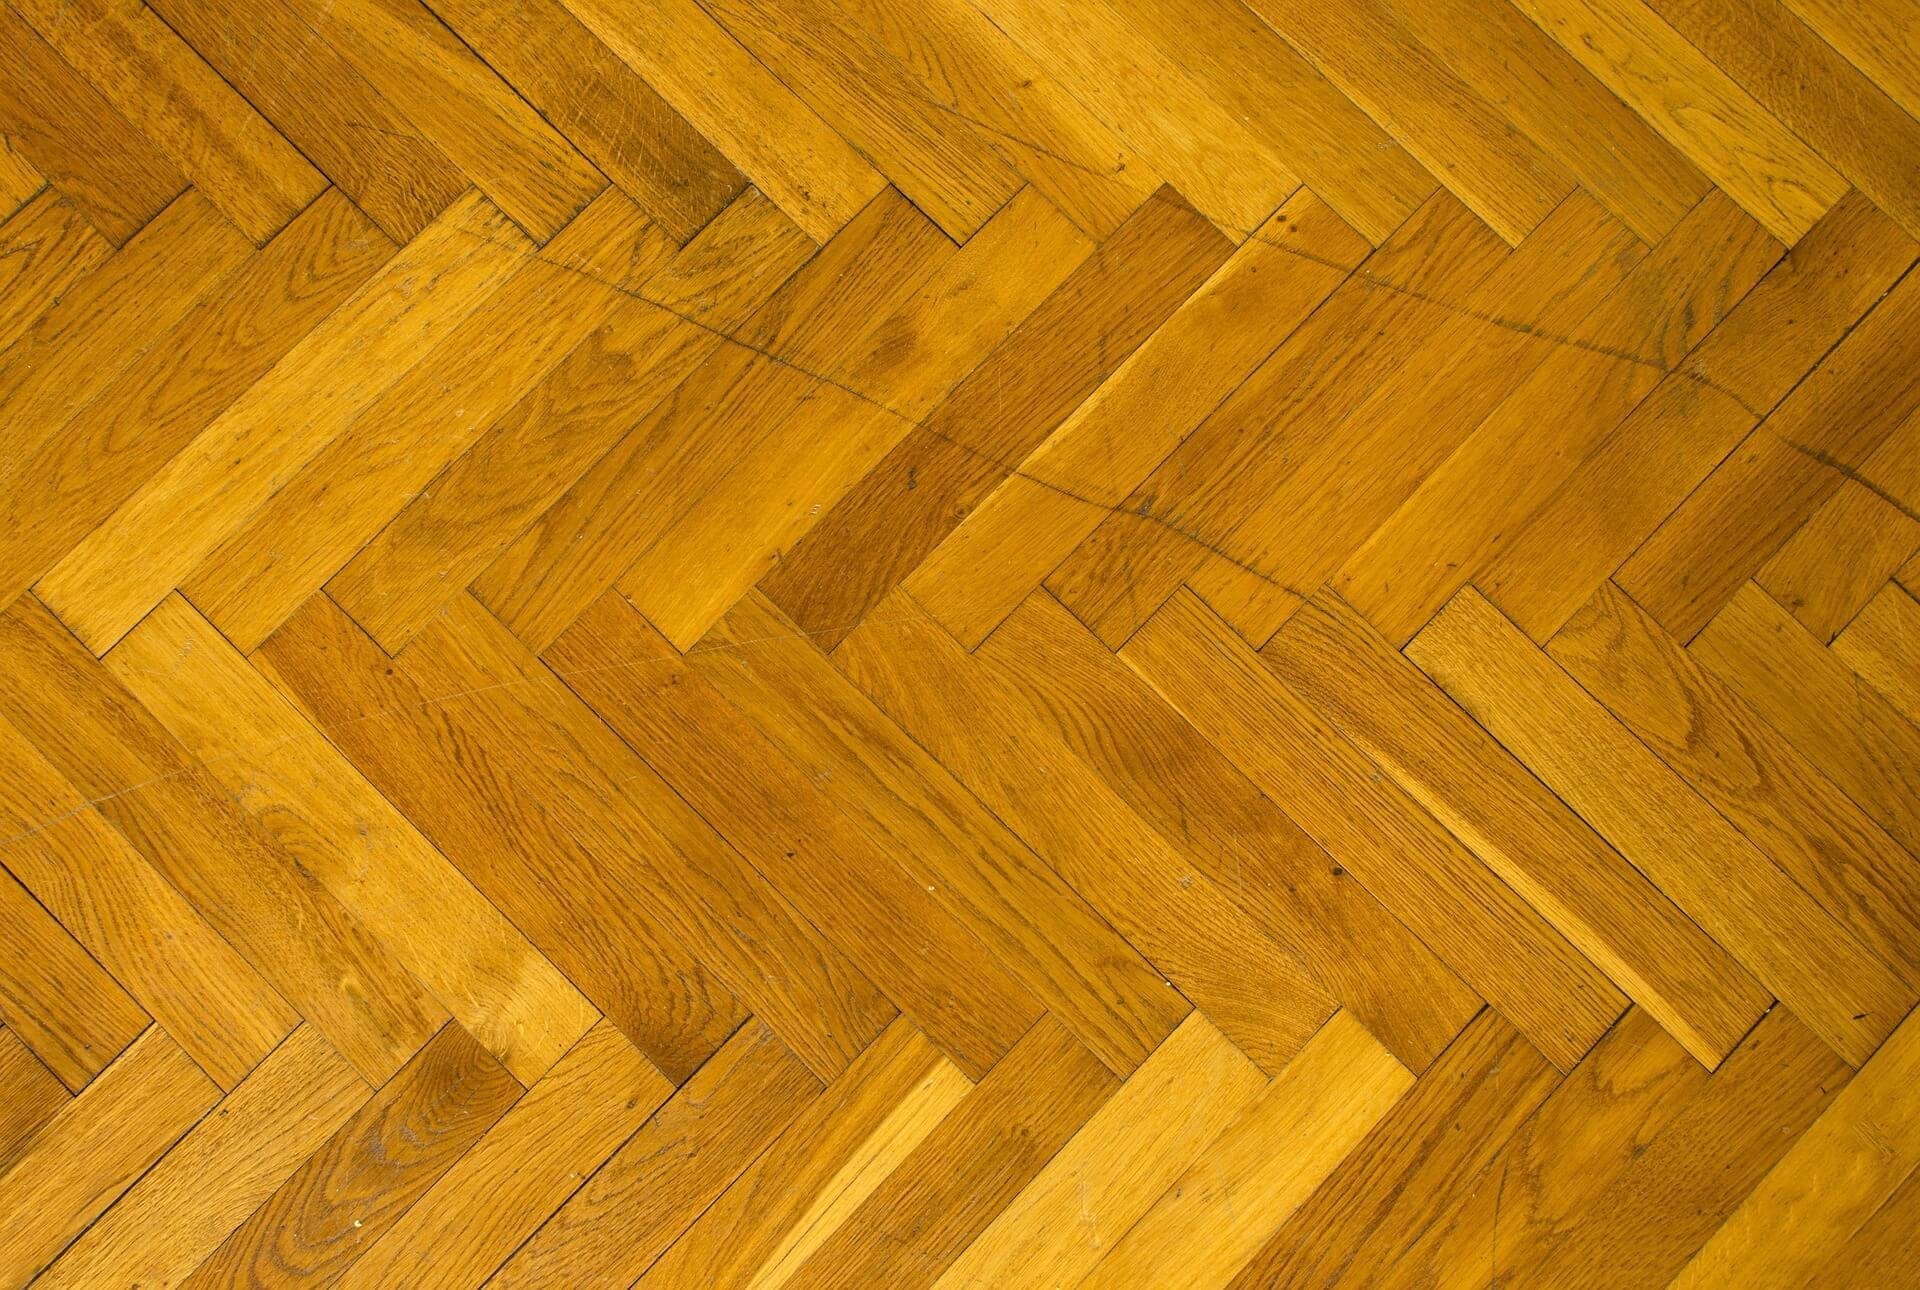 Fußboden Aus Kleinen Steinchen ~ So vermeiden sie kratzer auf bodenbelägen u tipps zum fußbodenschutz